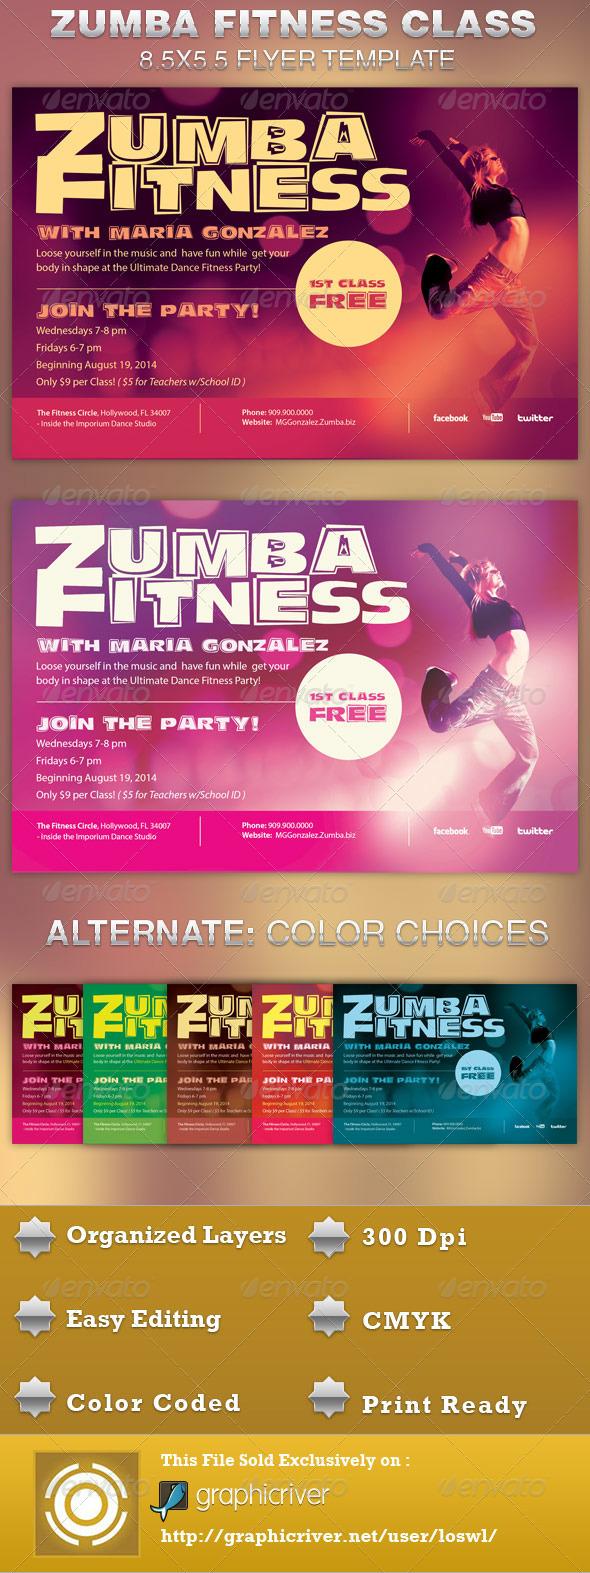 Zumba Fitness Class Flyer TemplateZumba Class Flyer